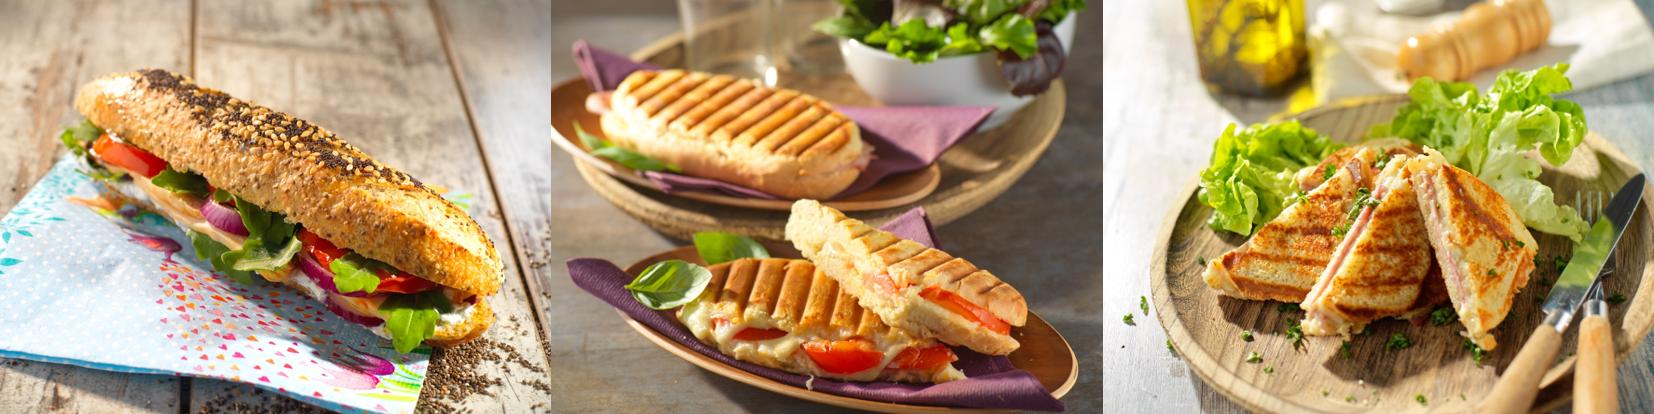 sandwich maison mon fournil